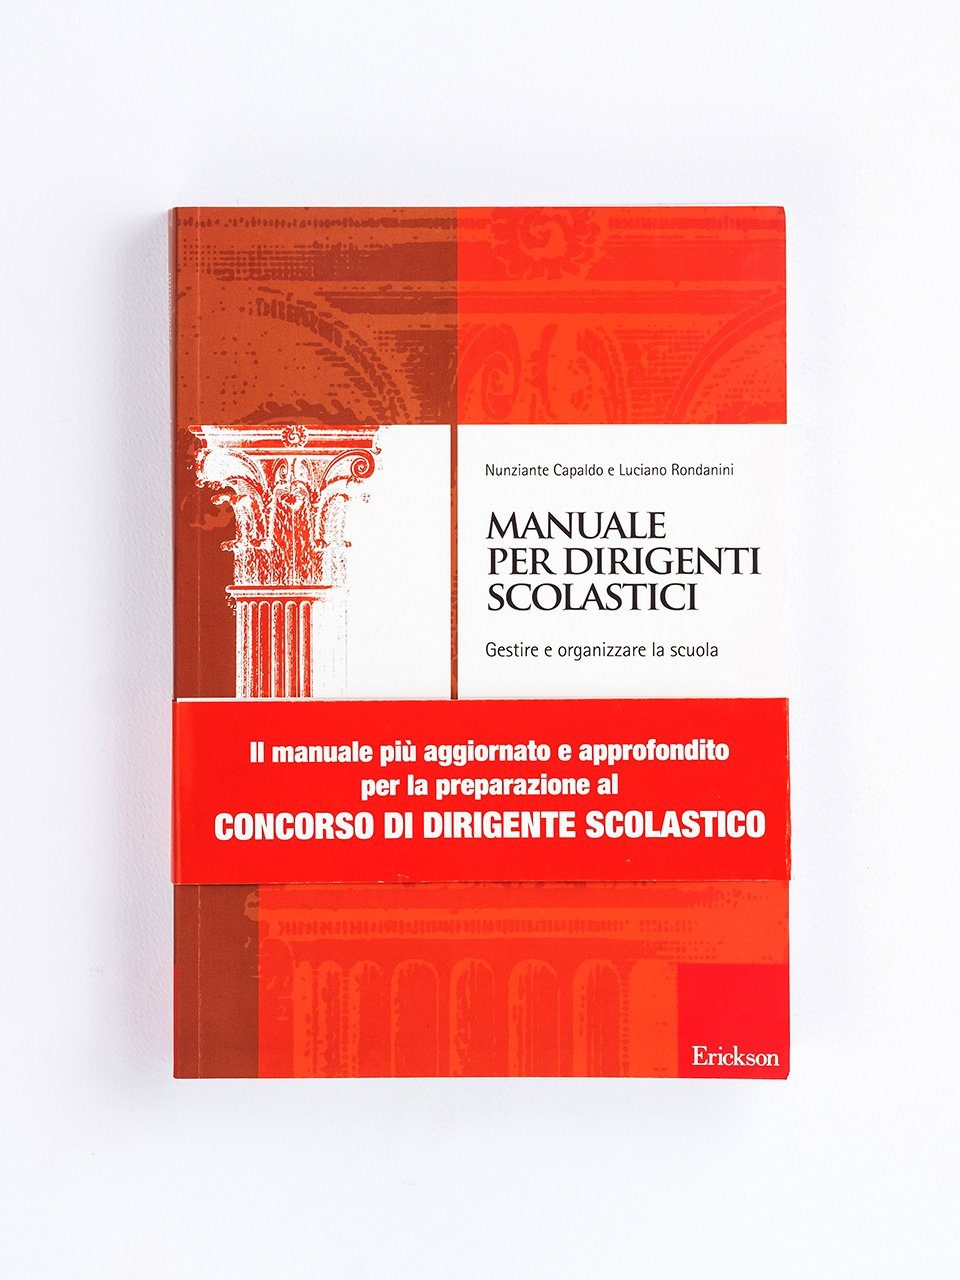 Manuale per dirigenti scolastici - Luciano Rondanini - Erickson